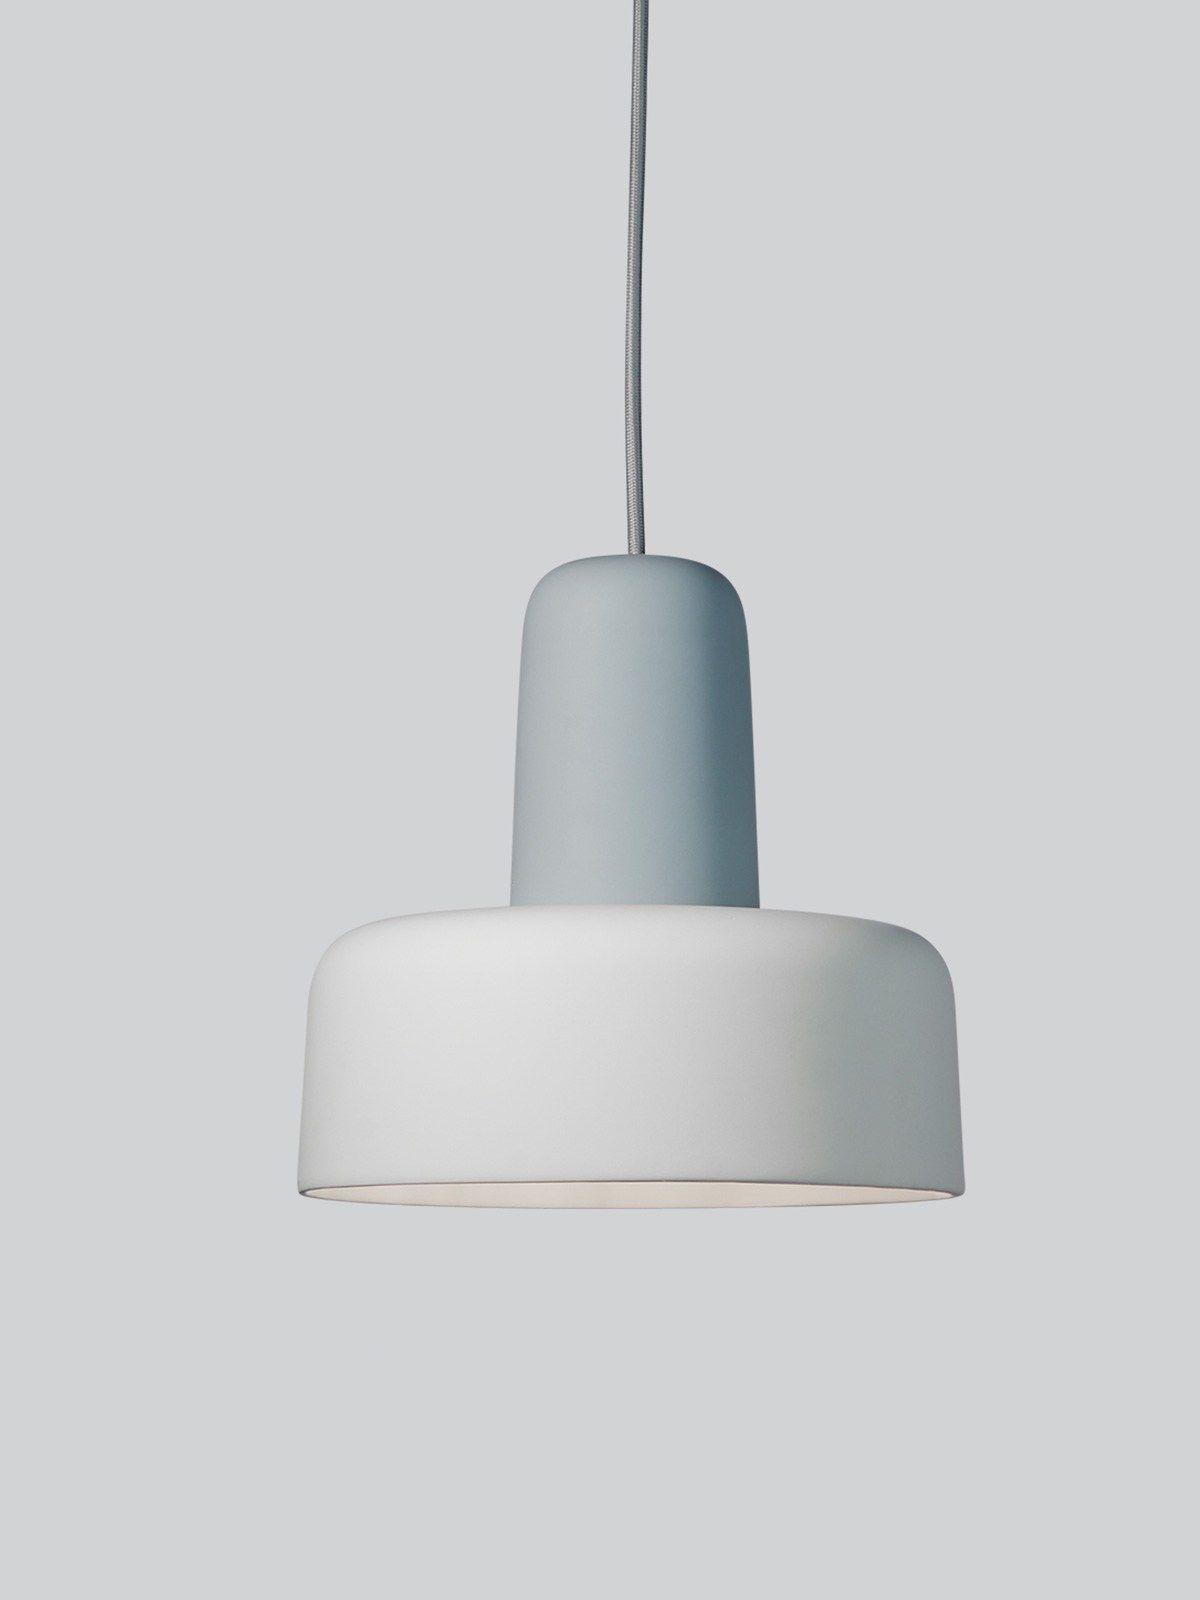 Designort Lampen Leuchten Designerleuchten Berlin Design Berlin Design Skandinavische Beleuchtung Lampen Und Leuchten